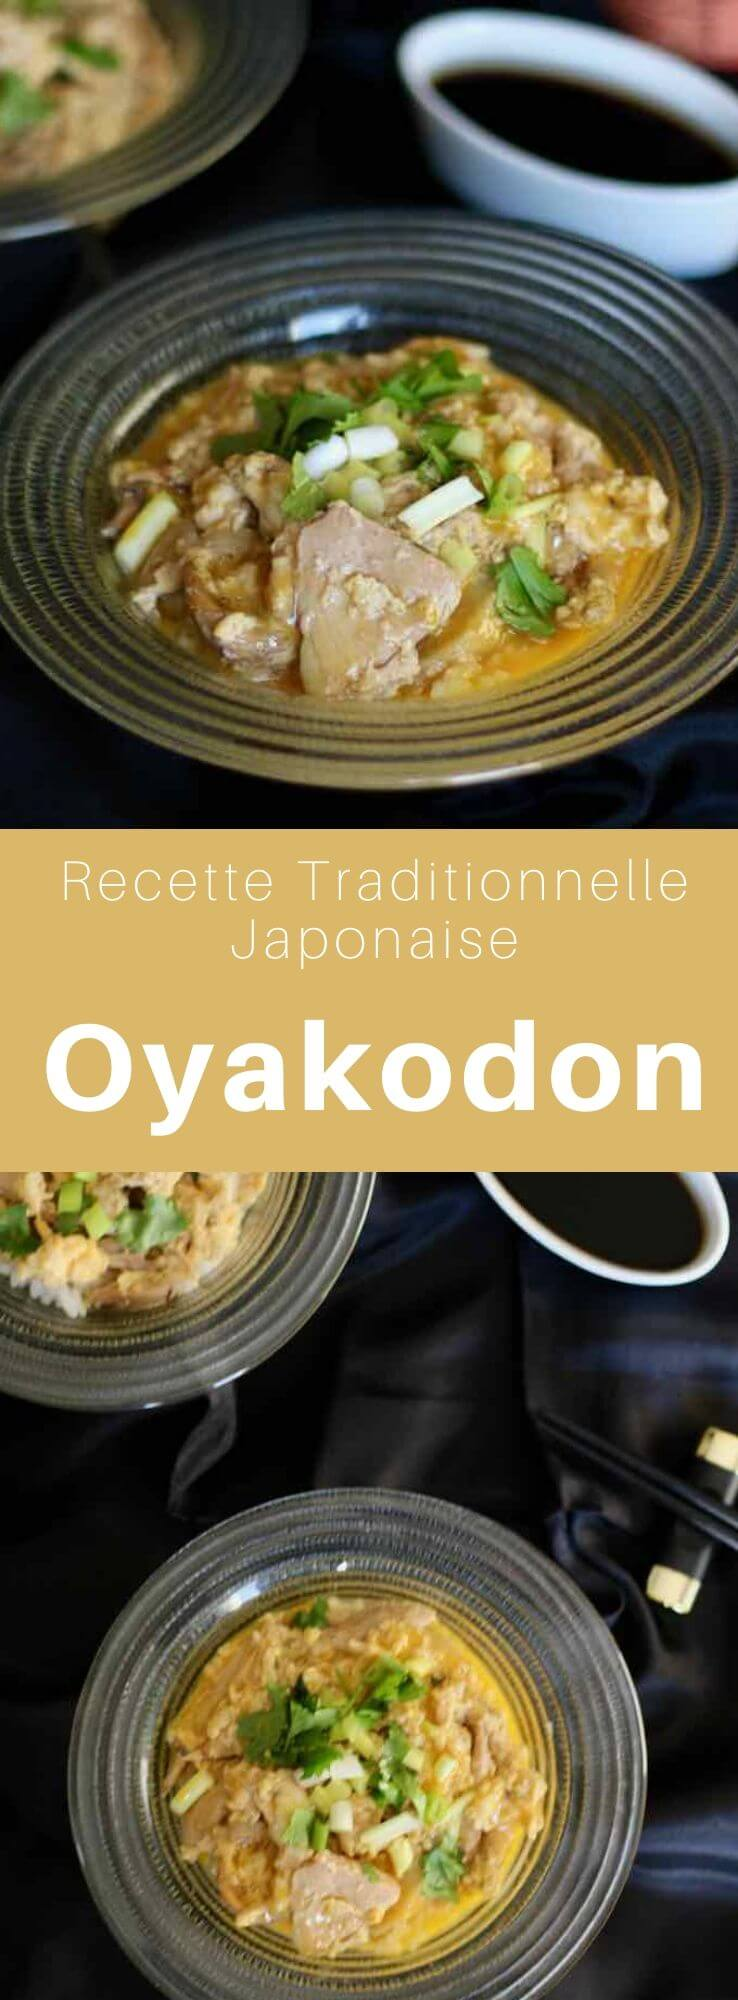 L'oyakodon (親子丼) est un donburi, composé de poulet et d'oeuf, assaisonné de dashi, de mirin, de saké, et de sauce soja, très populaire au Japon. #Japon #CuisineJaponaise #RecetteJaponaise #CuisineDuMonde #196flavors